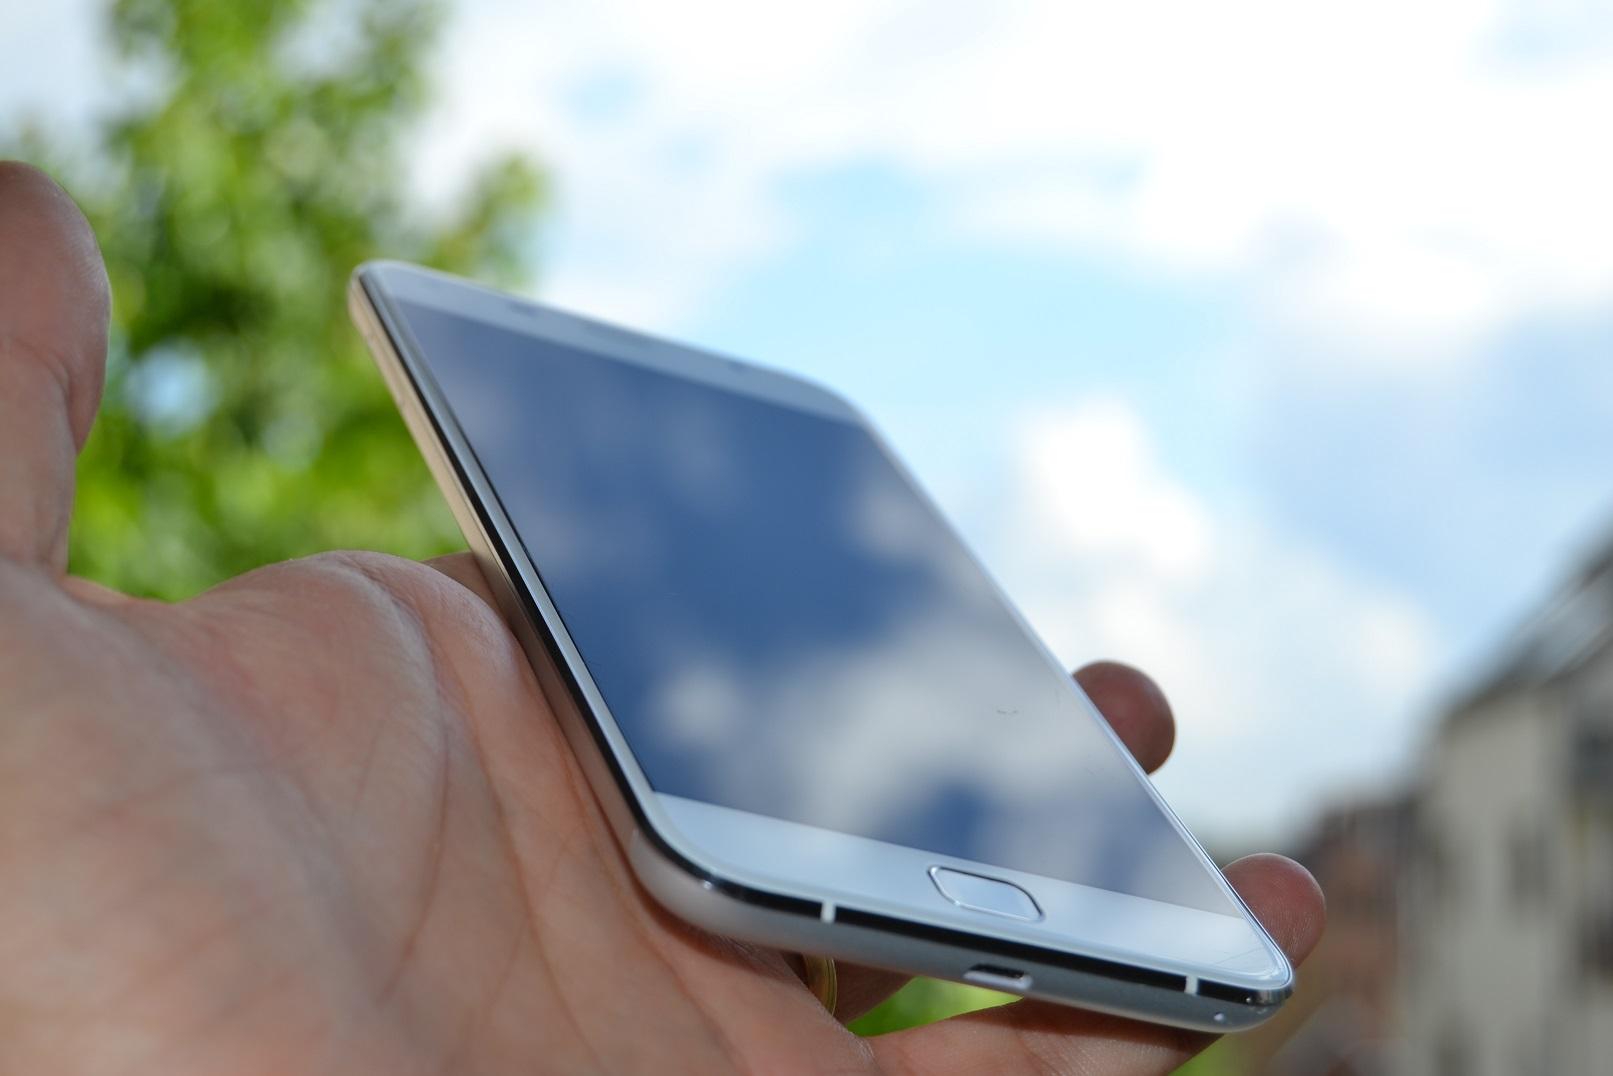 DSC_0405 REVIEW display UMi Touch si comparat cu UMi Super, tot partea de display